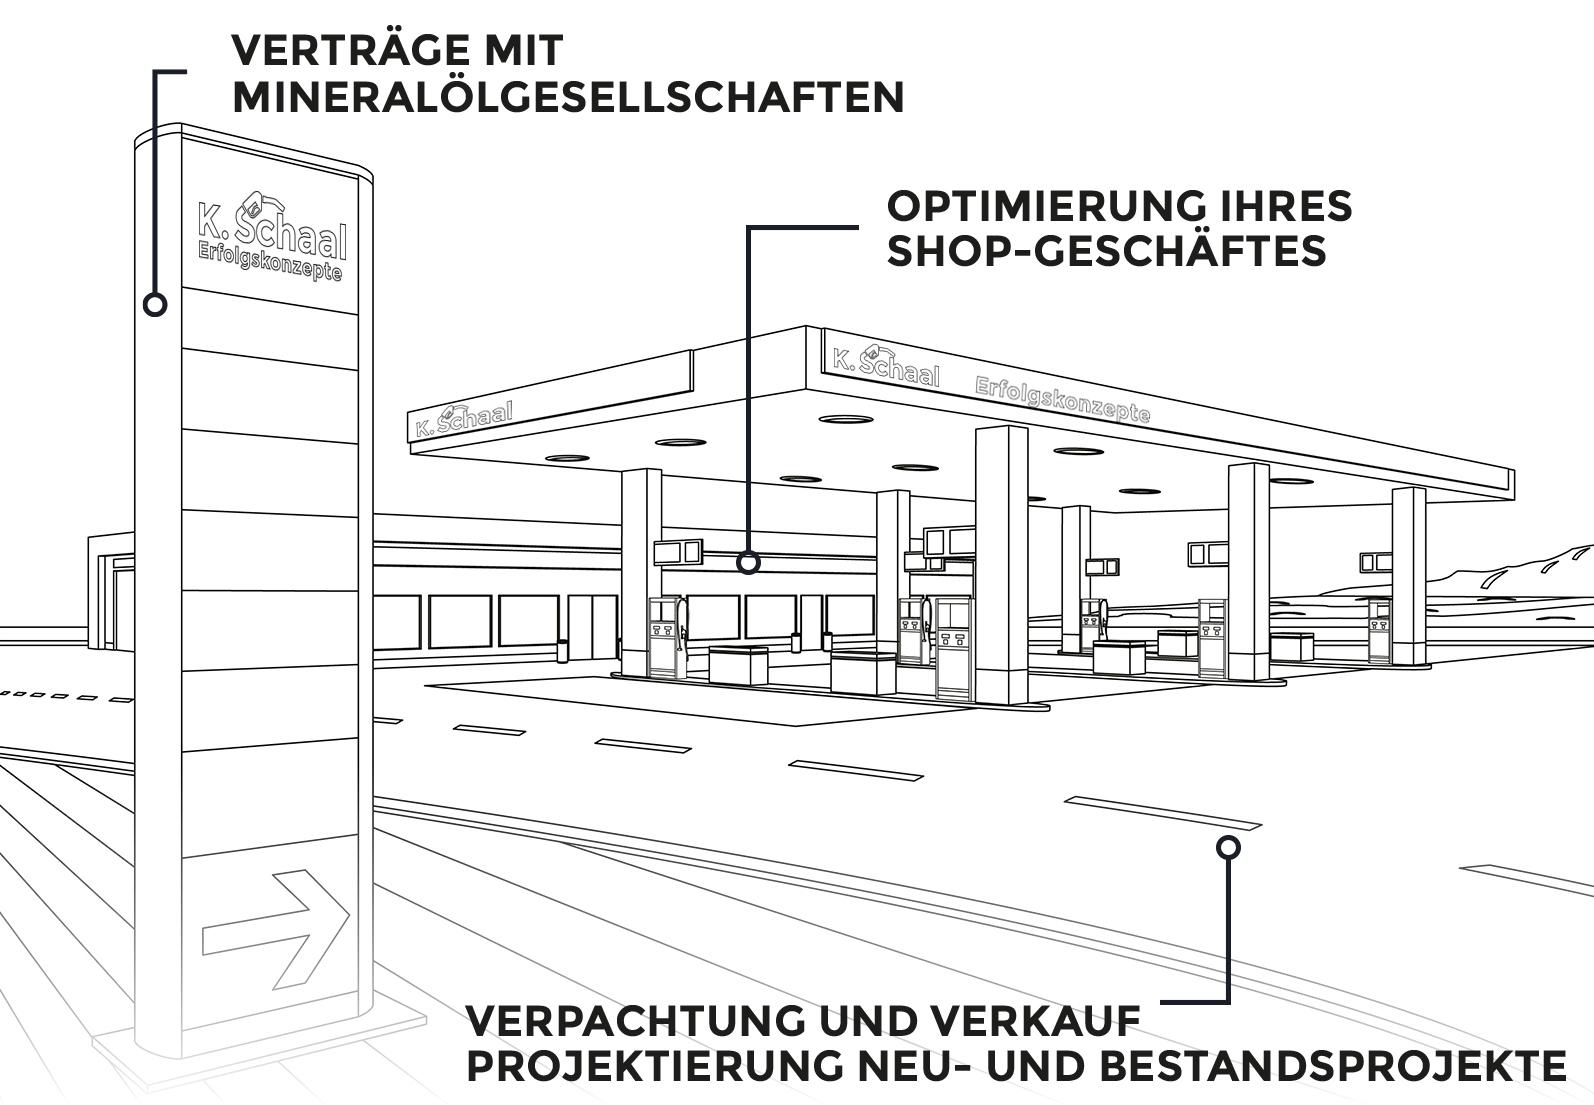 02Projektierung_Vorteile_schaal_Tankstelle